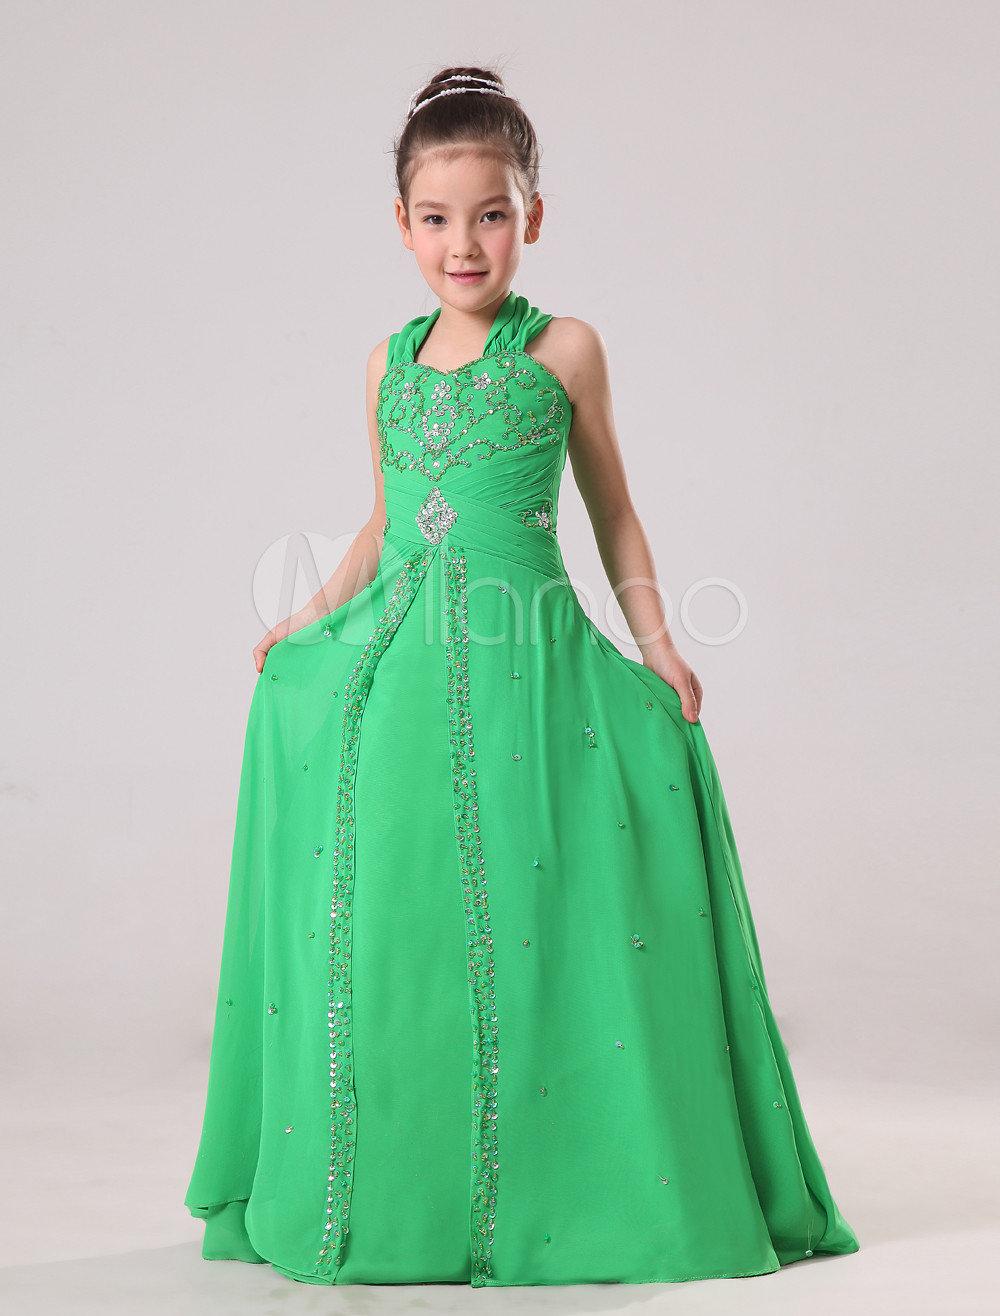 Длинное платье для девочек своими руками 83